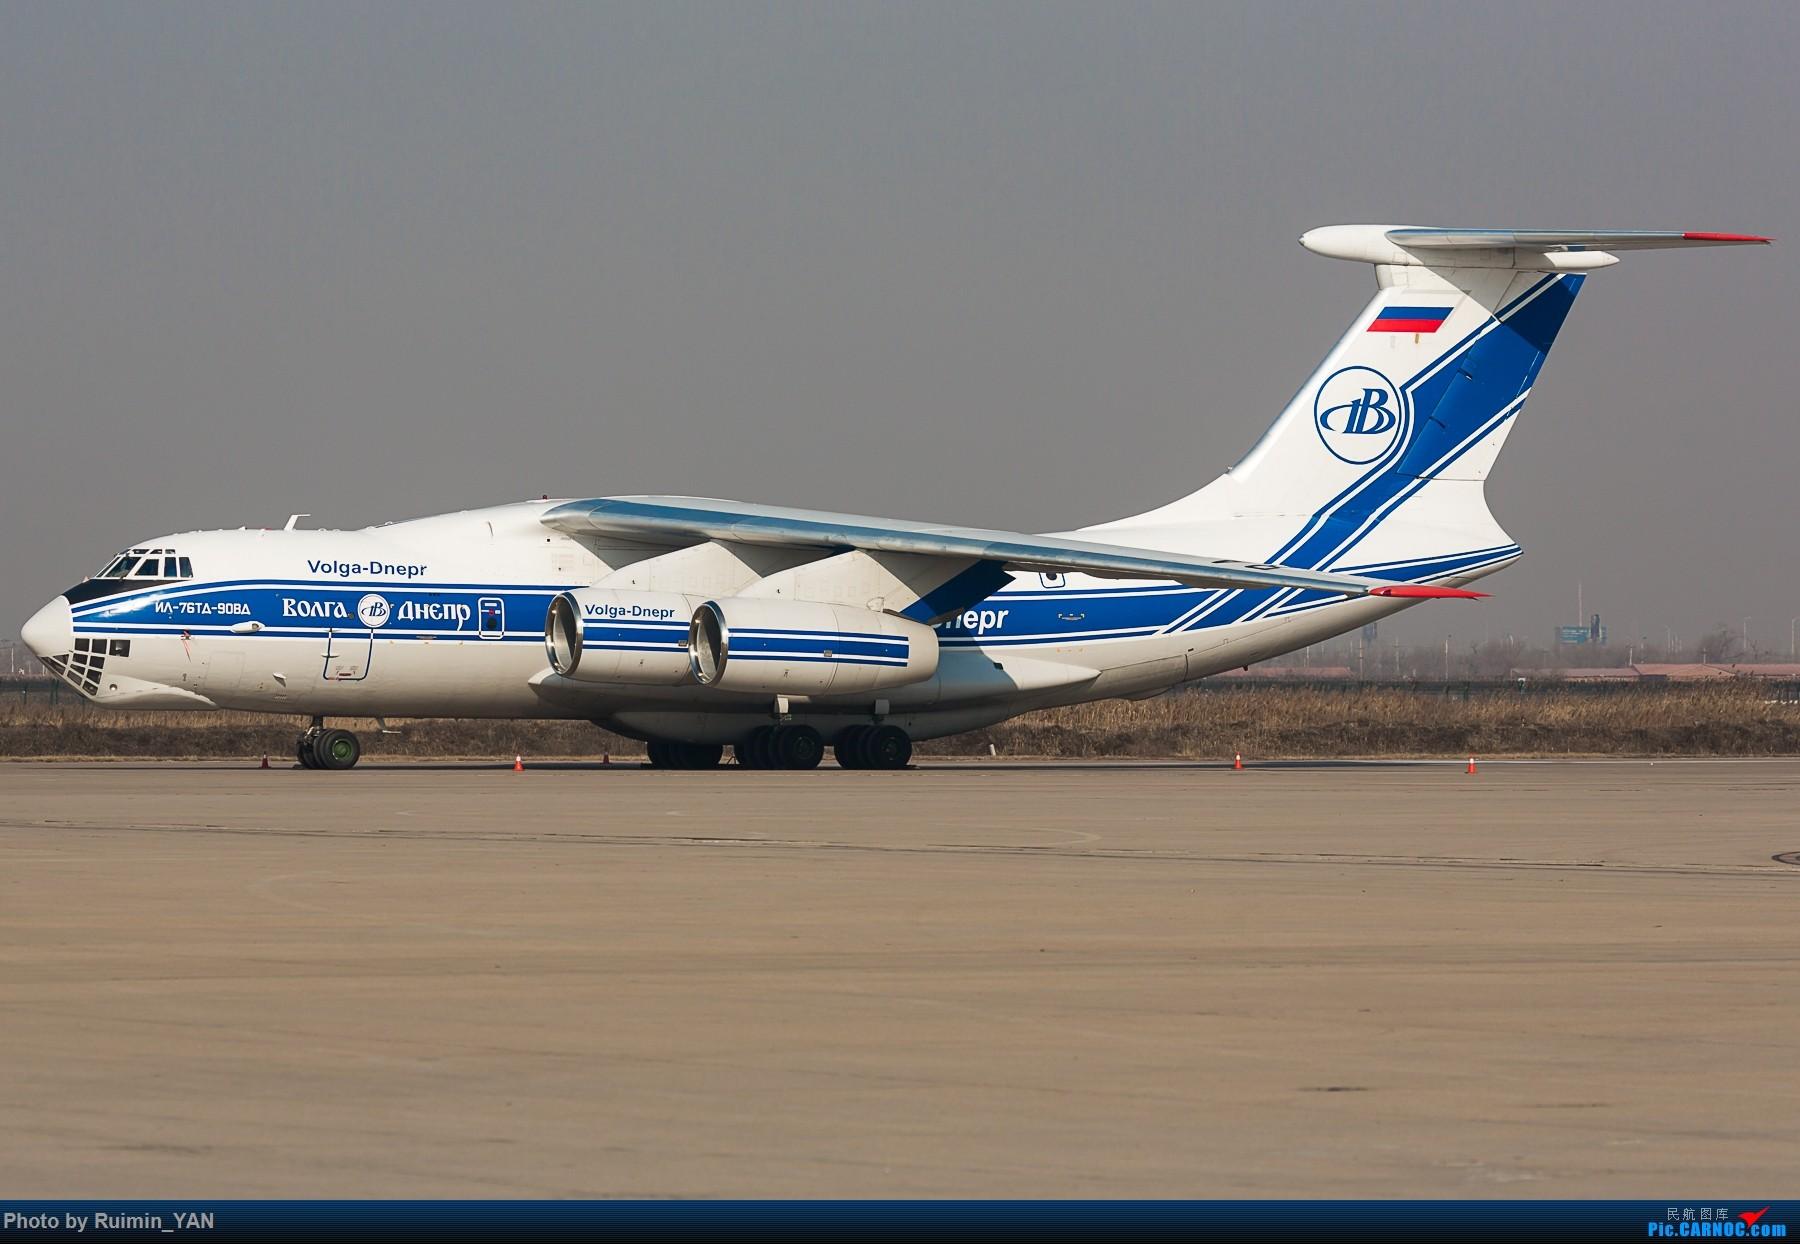 [原创]【夜景】【TSN】伏尔加第聂伯航空(VI) Ilyushin IL-76 ILYUSHIN IL-76 RA-76511 中国天津滨海国际机场